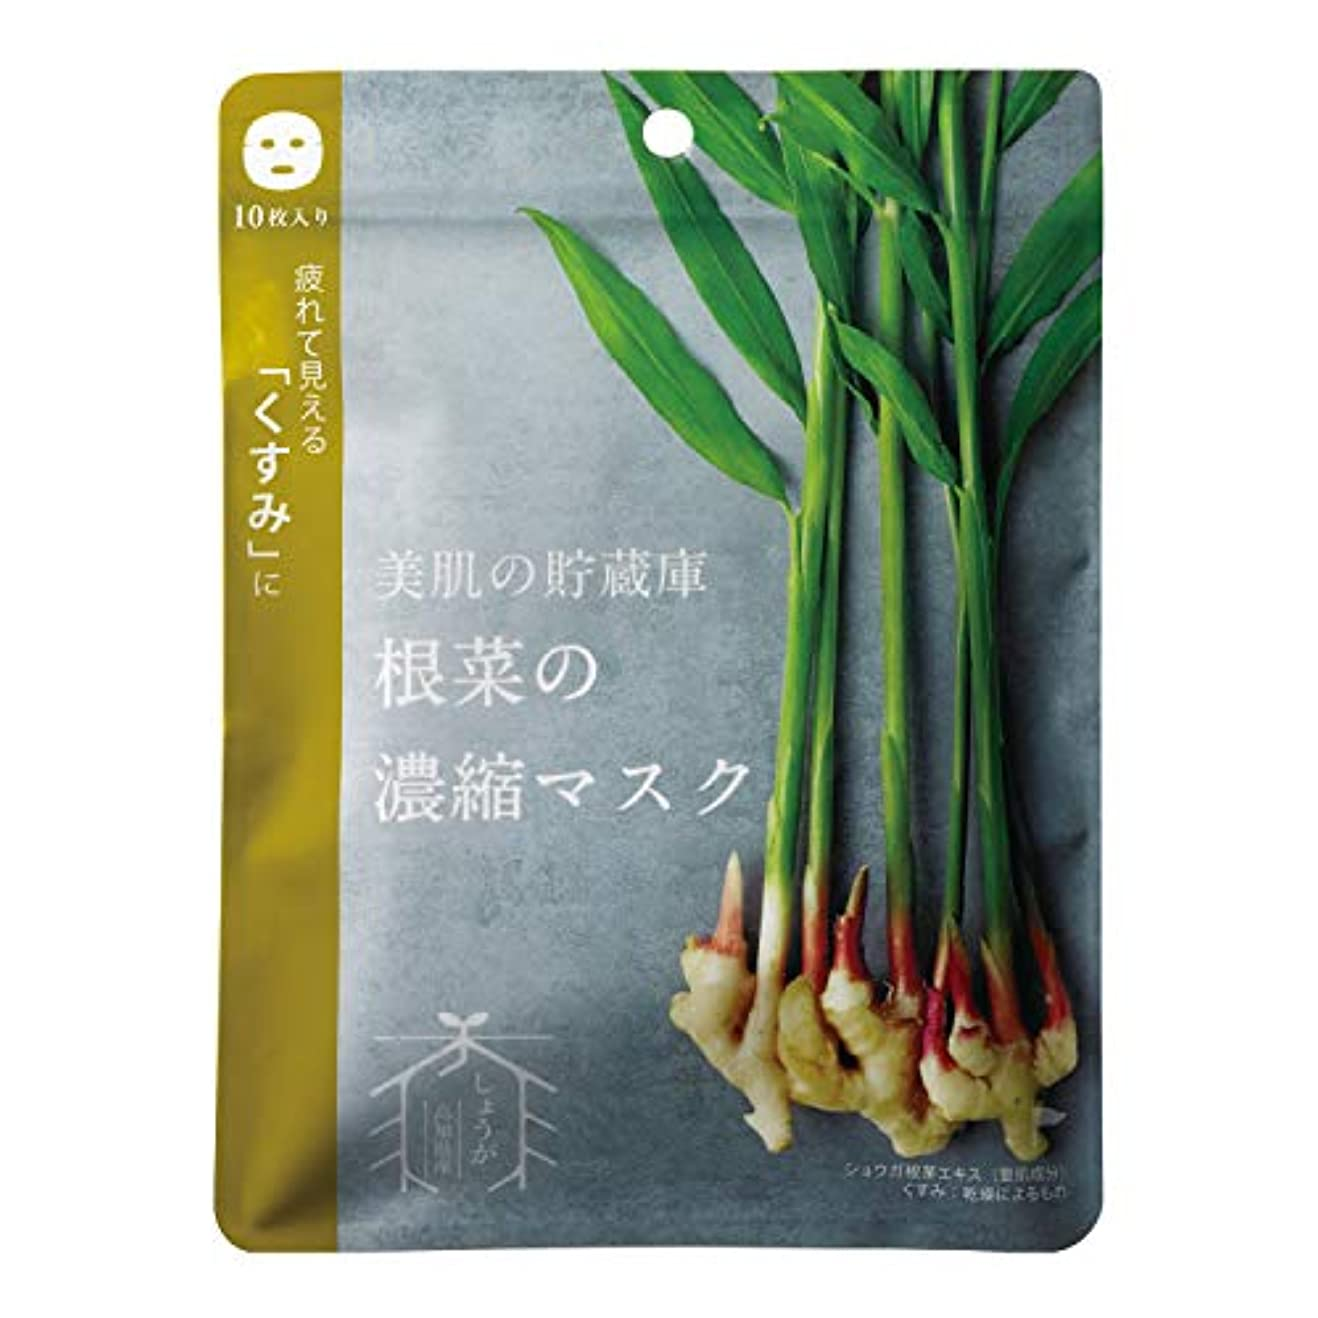 夕食を食べる欺くイル@cosme nippon 美肌の貯蔵庫 根菜の濃縮マスク 土佐一しょうが 10枚 160ml